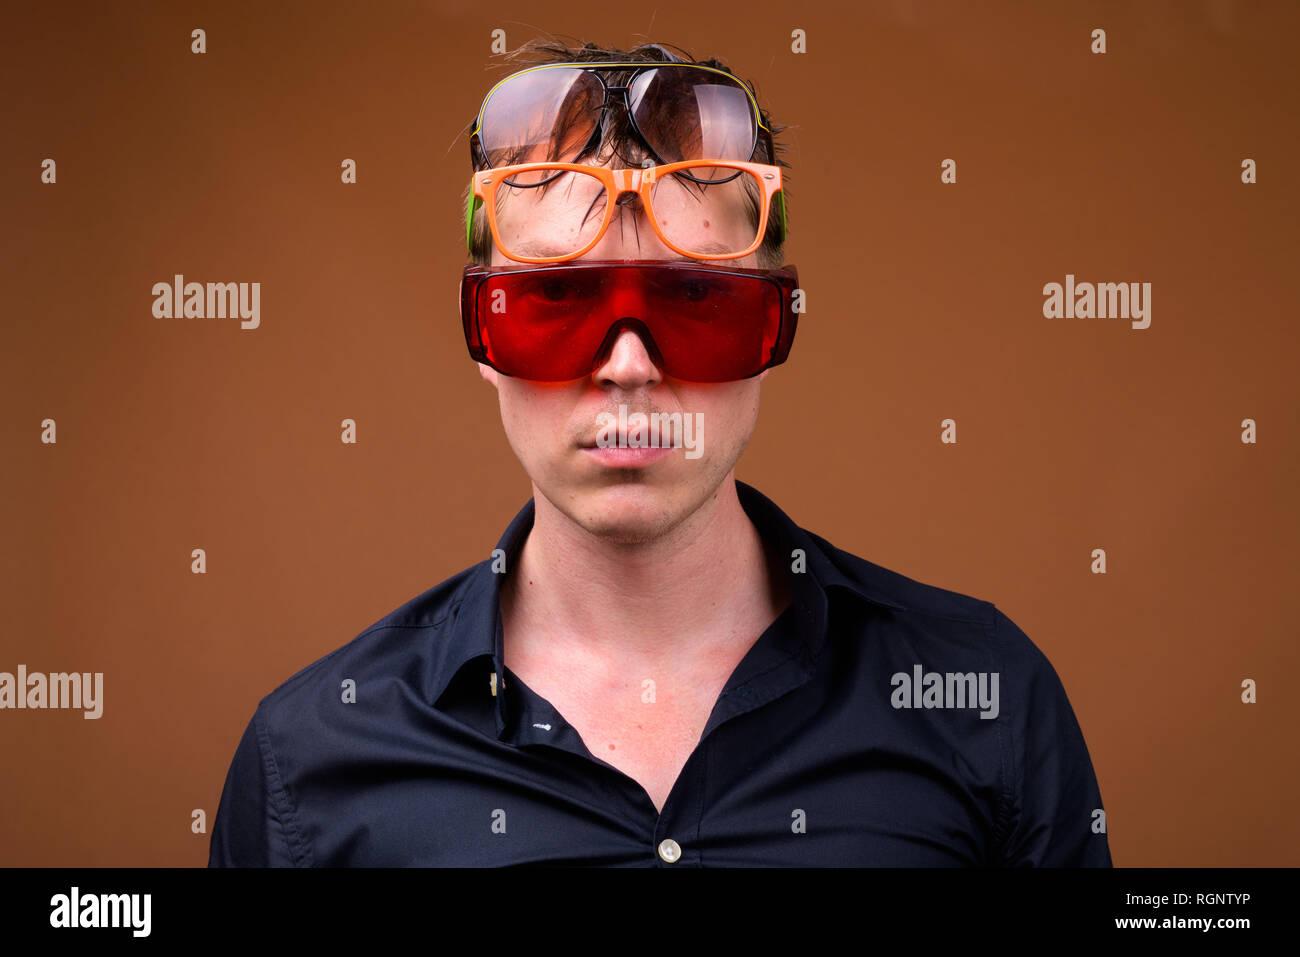 2280eaaf6 Joven hombre triste en la ropa mojada llevaba muchos gafas de sol Imagen De  Stock